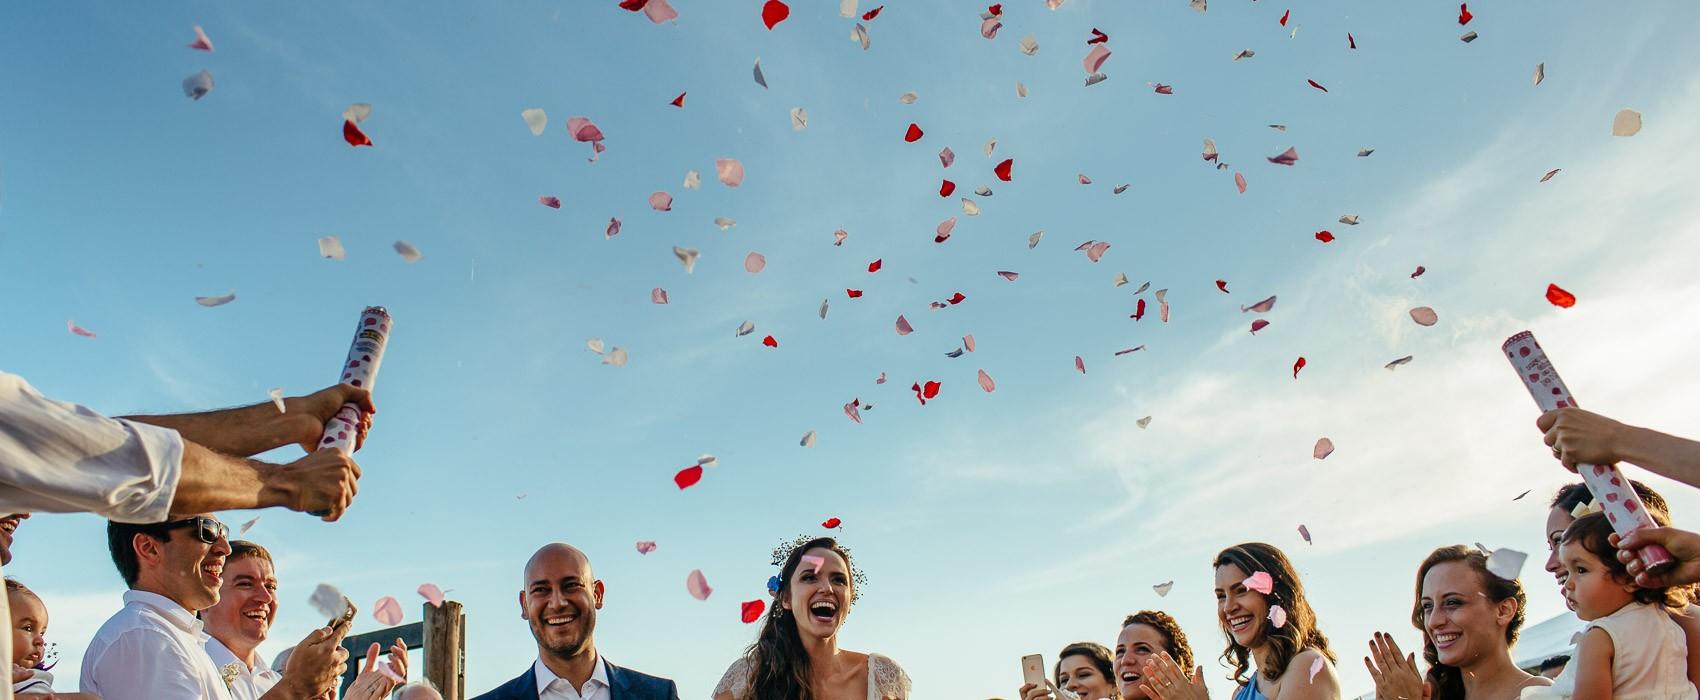 casamento mini-wedding na praia festa noivos